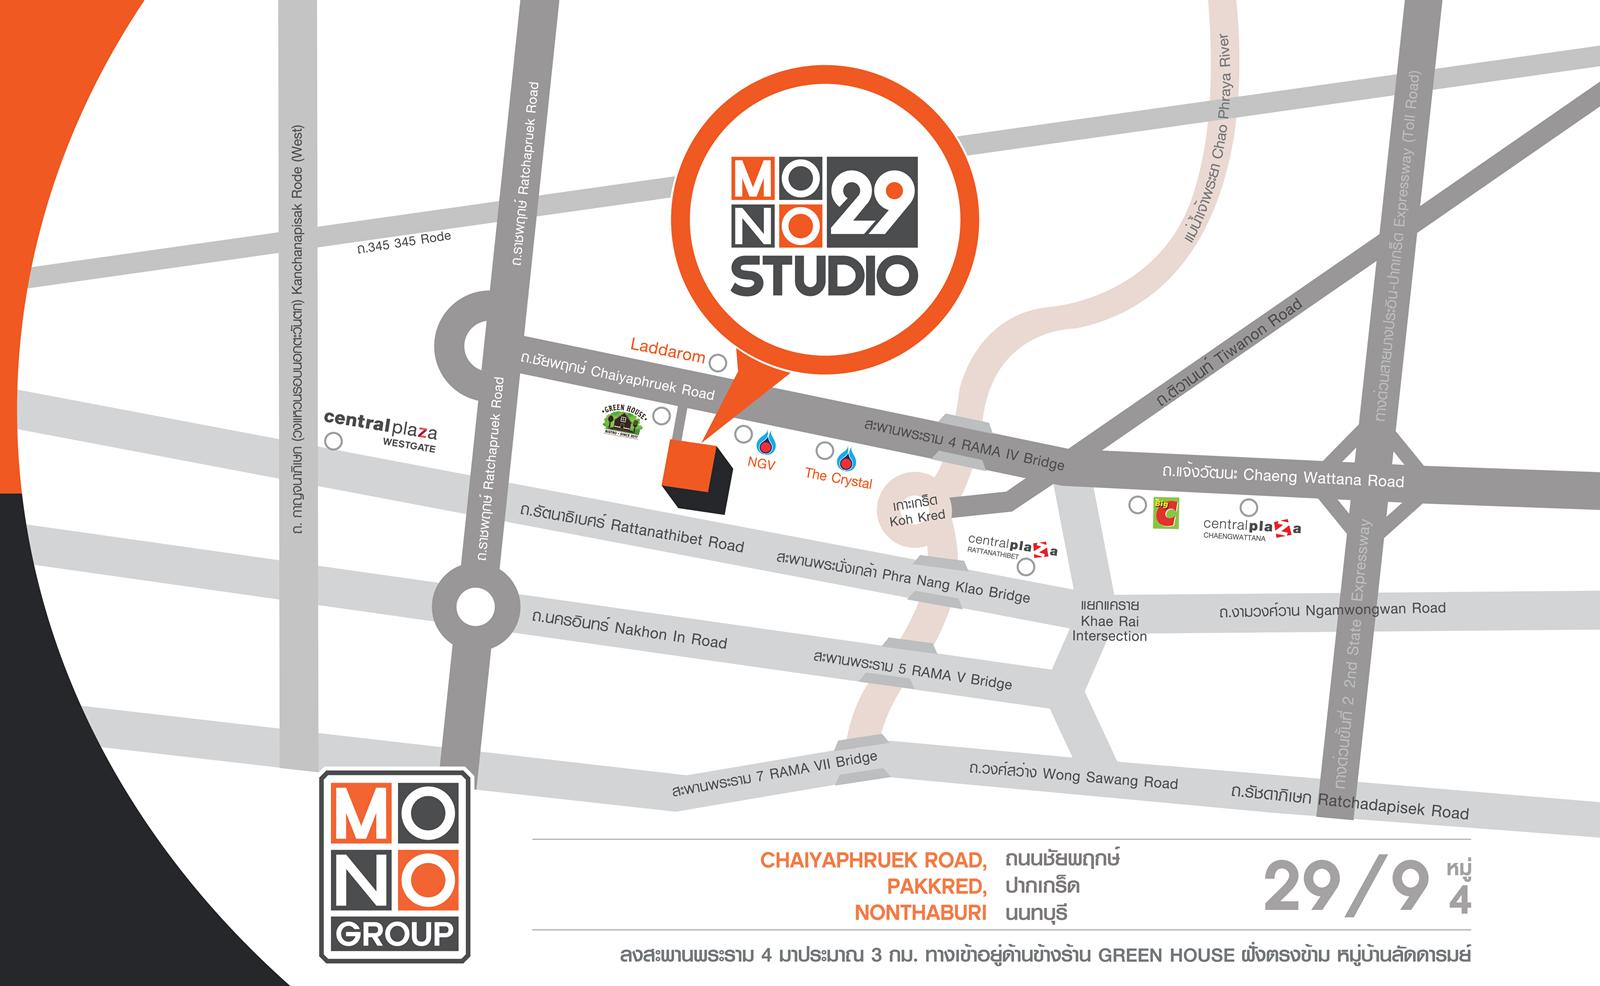 Mono Group Map